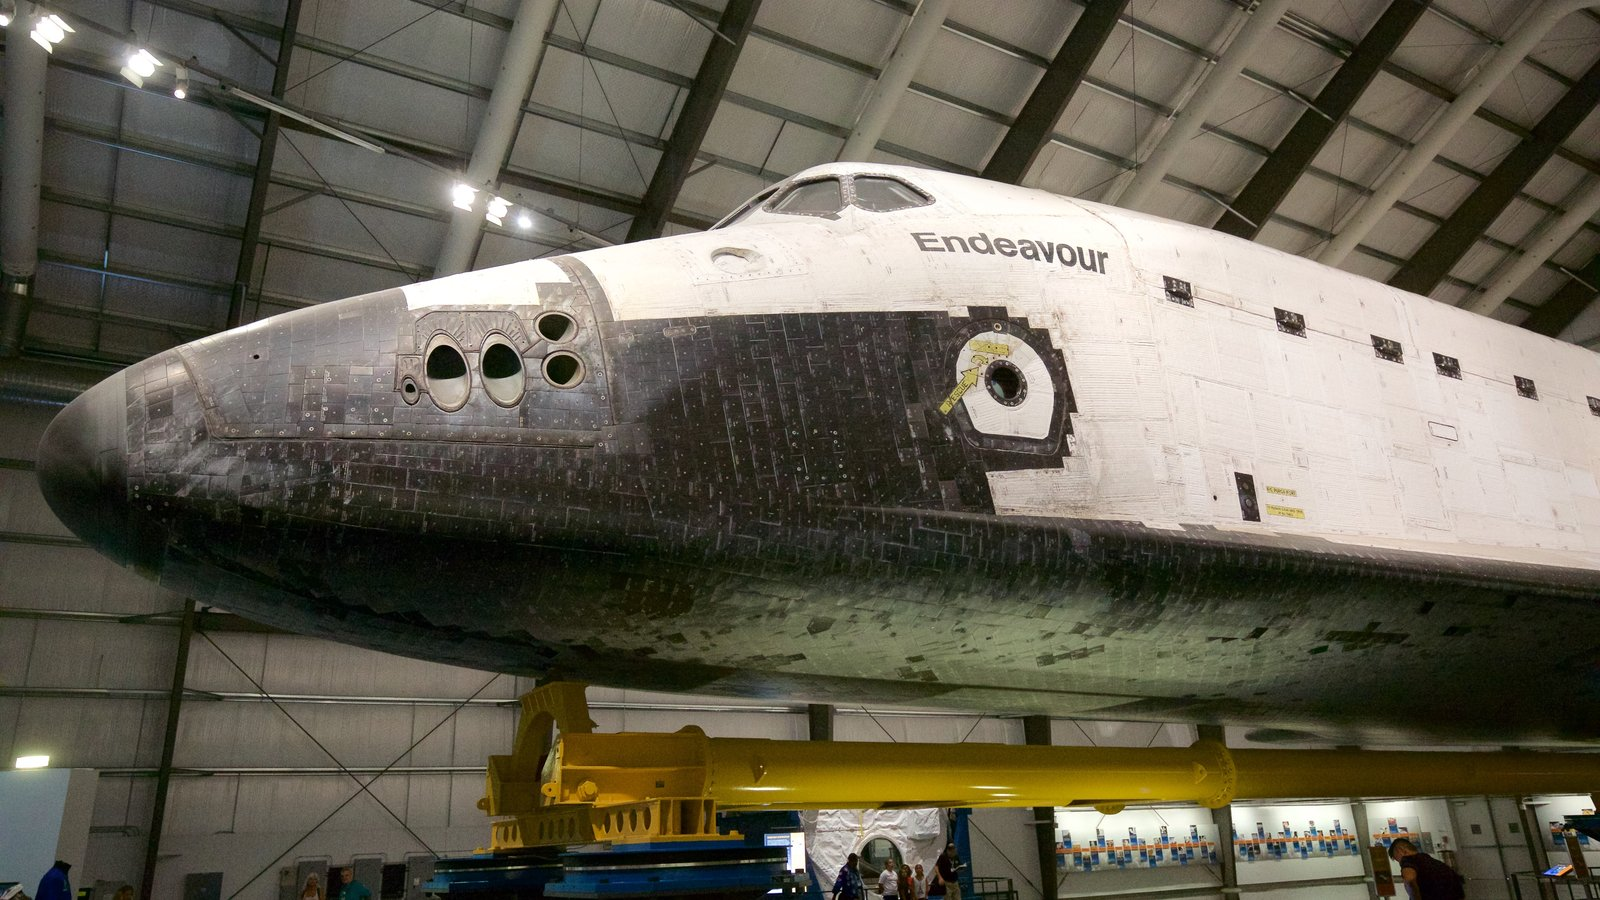 Museo California Science Center que incluye vistas interiores y aeronave